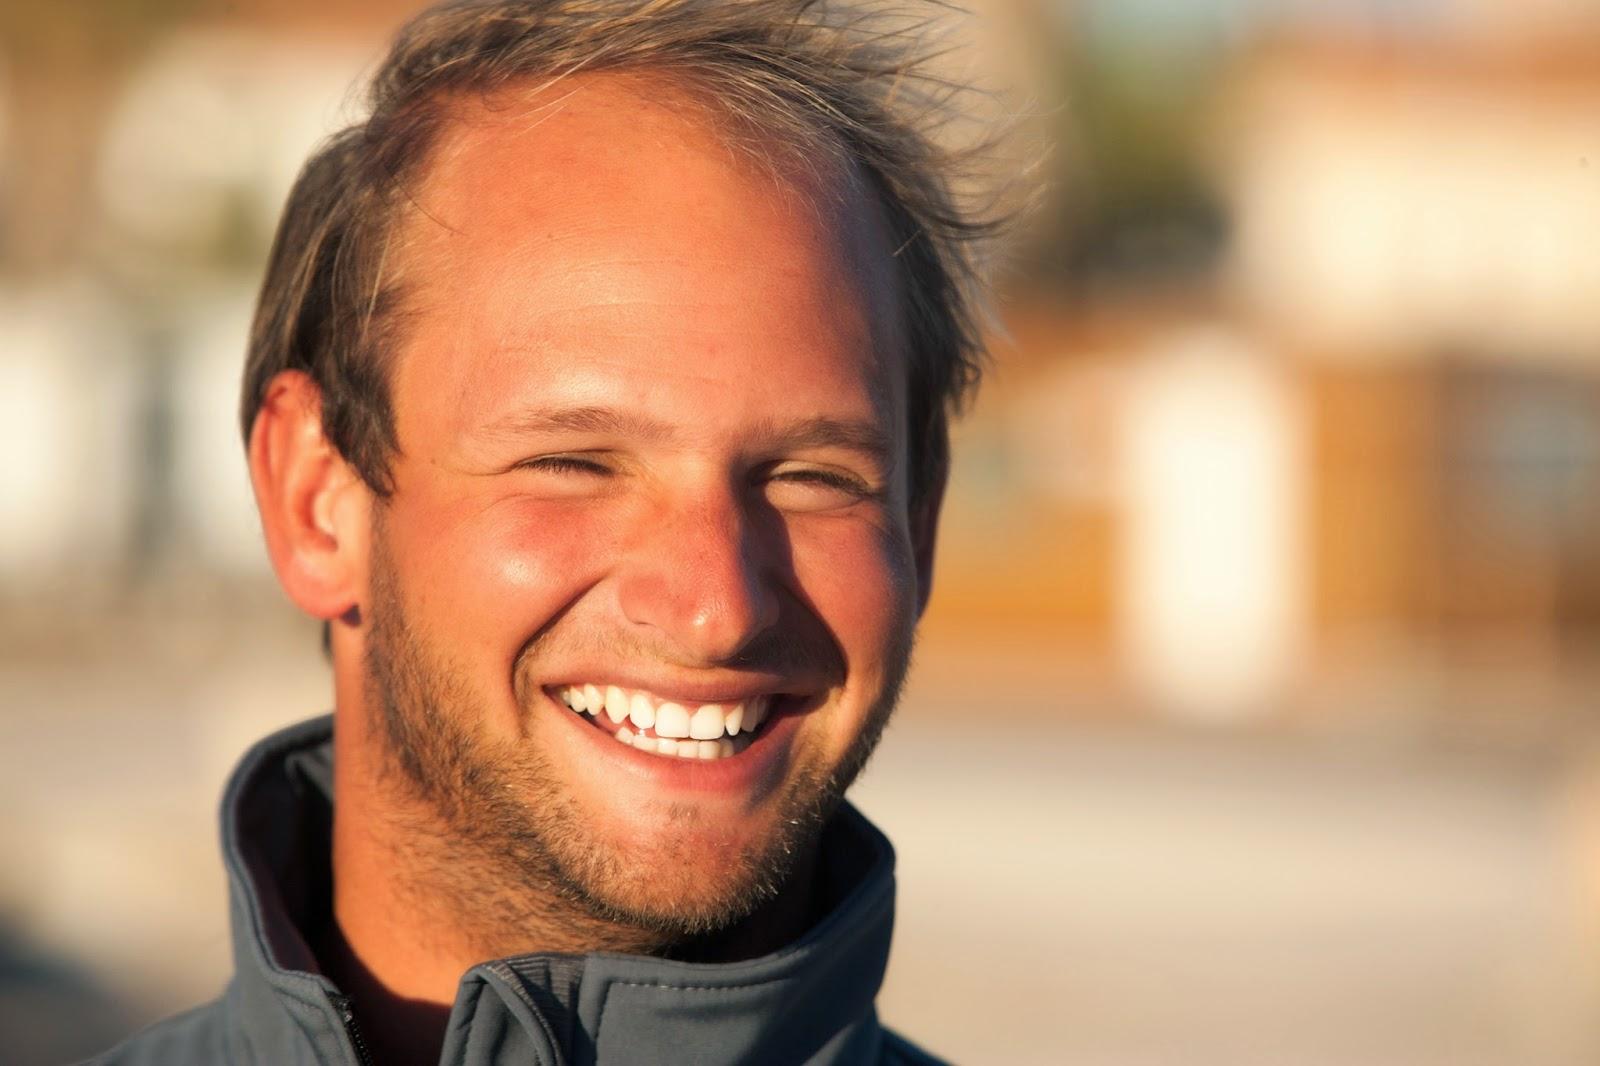 """Sébastien Rogues, skipper du GC32 GDF Suez : """"Le GC32 m'est apparu comme une évidence"""""""